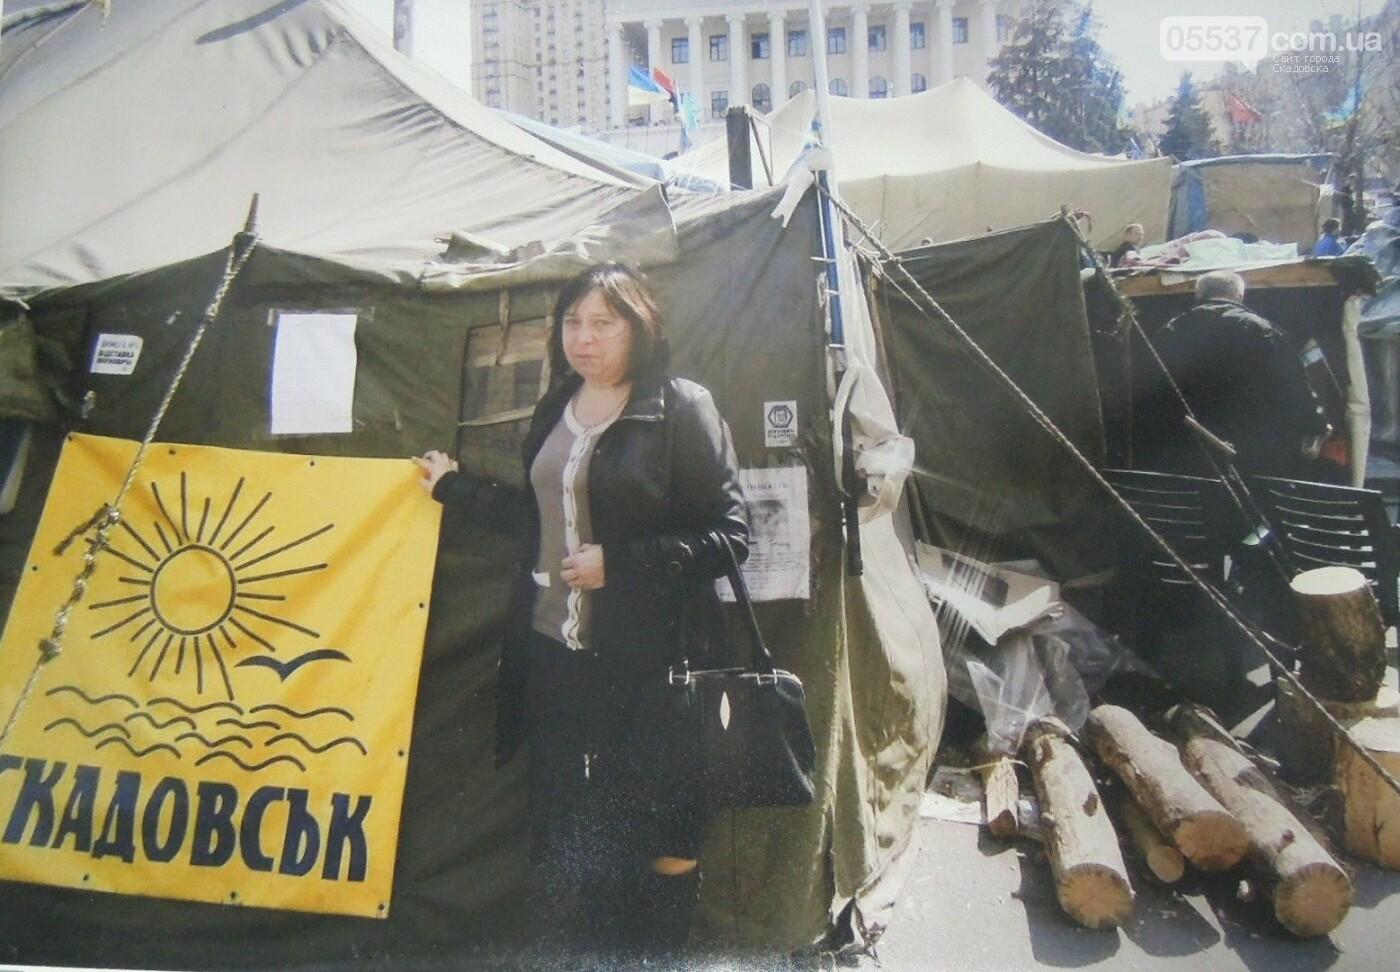 Как скадовчане участвовали в Революции Достоинства (ФОТО), фото-9